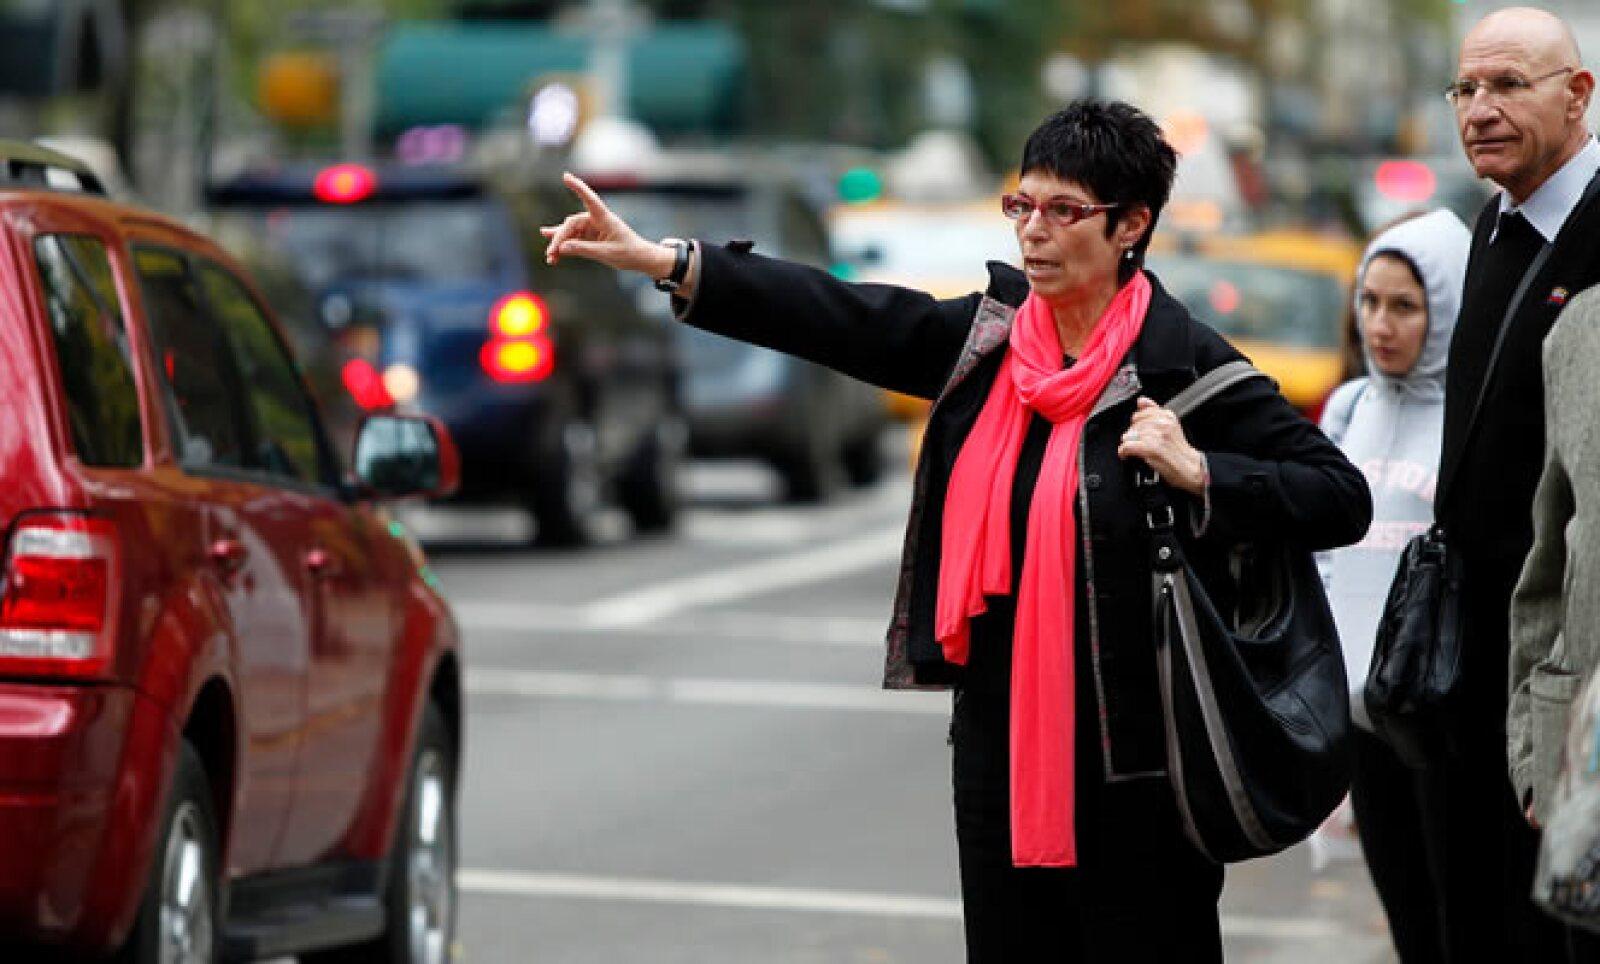 La ciudad modificó las reglas de los taxis para alentar a los conductores a llevar más de un pasajero a la vez.